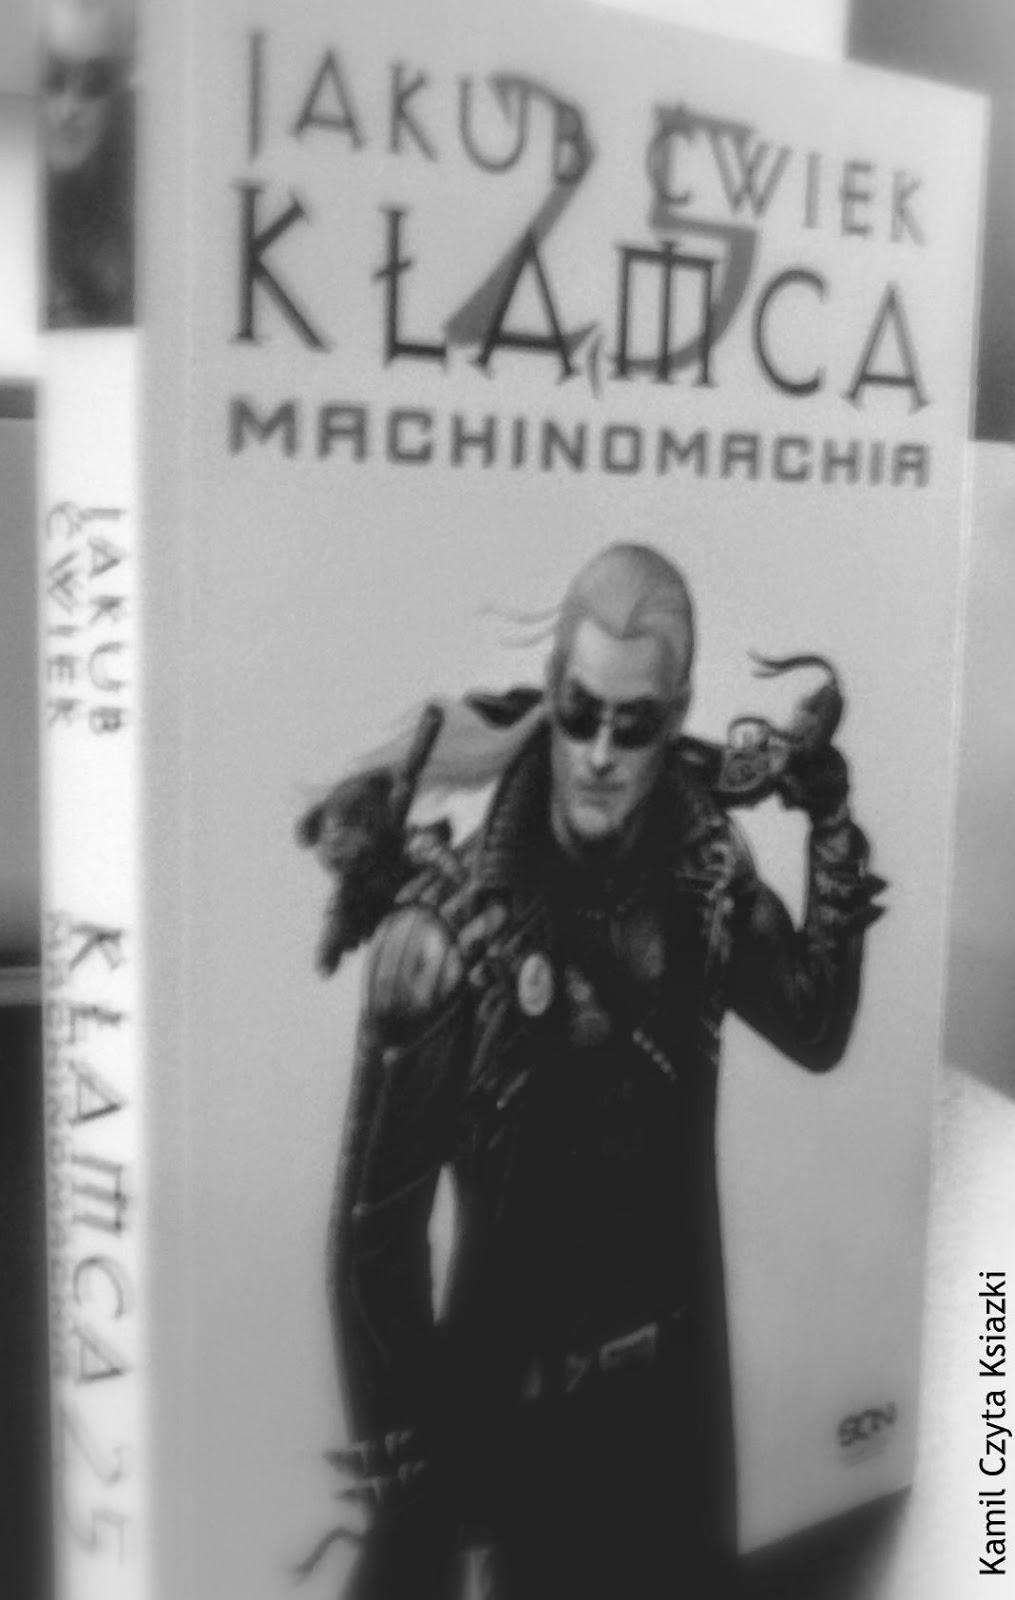 Kamil czyta książki jakub ćwiek machinomachia kłamca 2.5 loki jenny bachus eors kamil czyta kamil czyta blog z recenzjami książek gry karcianki feletiony